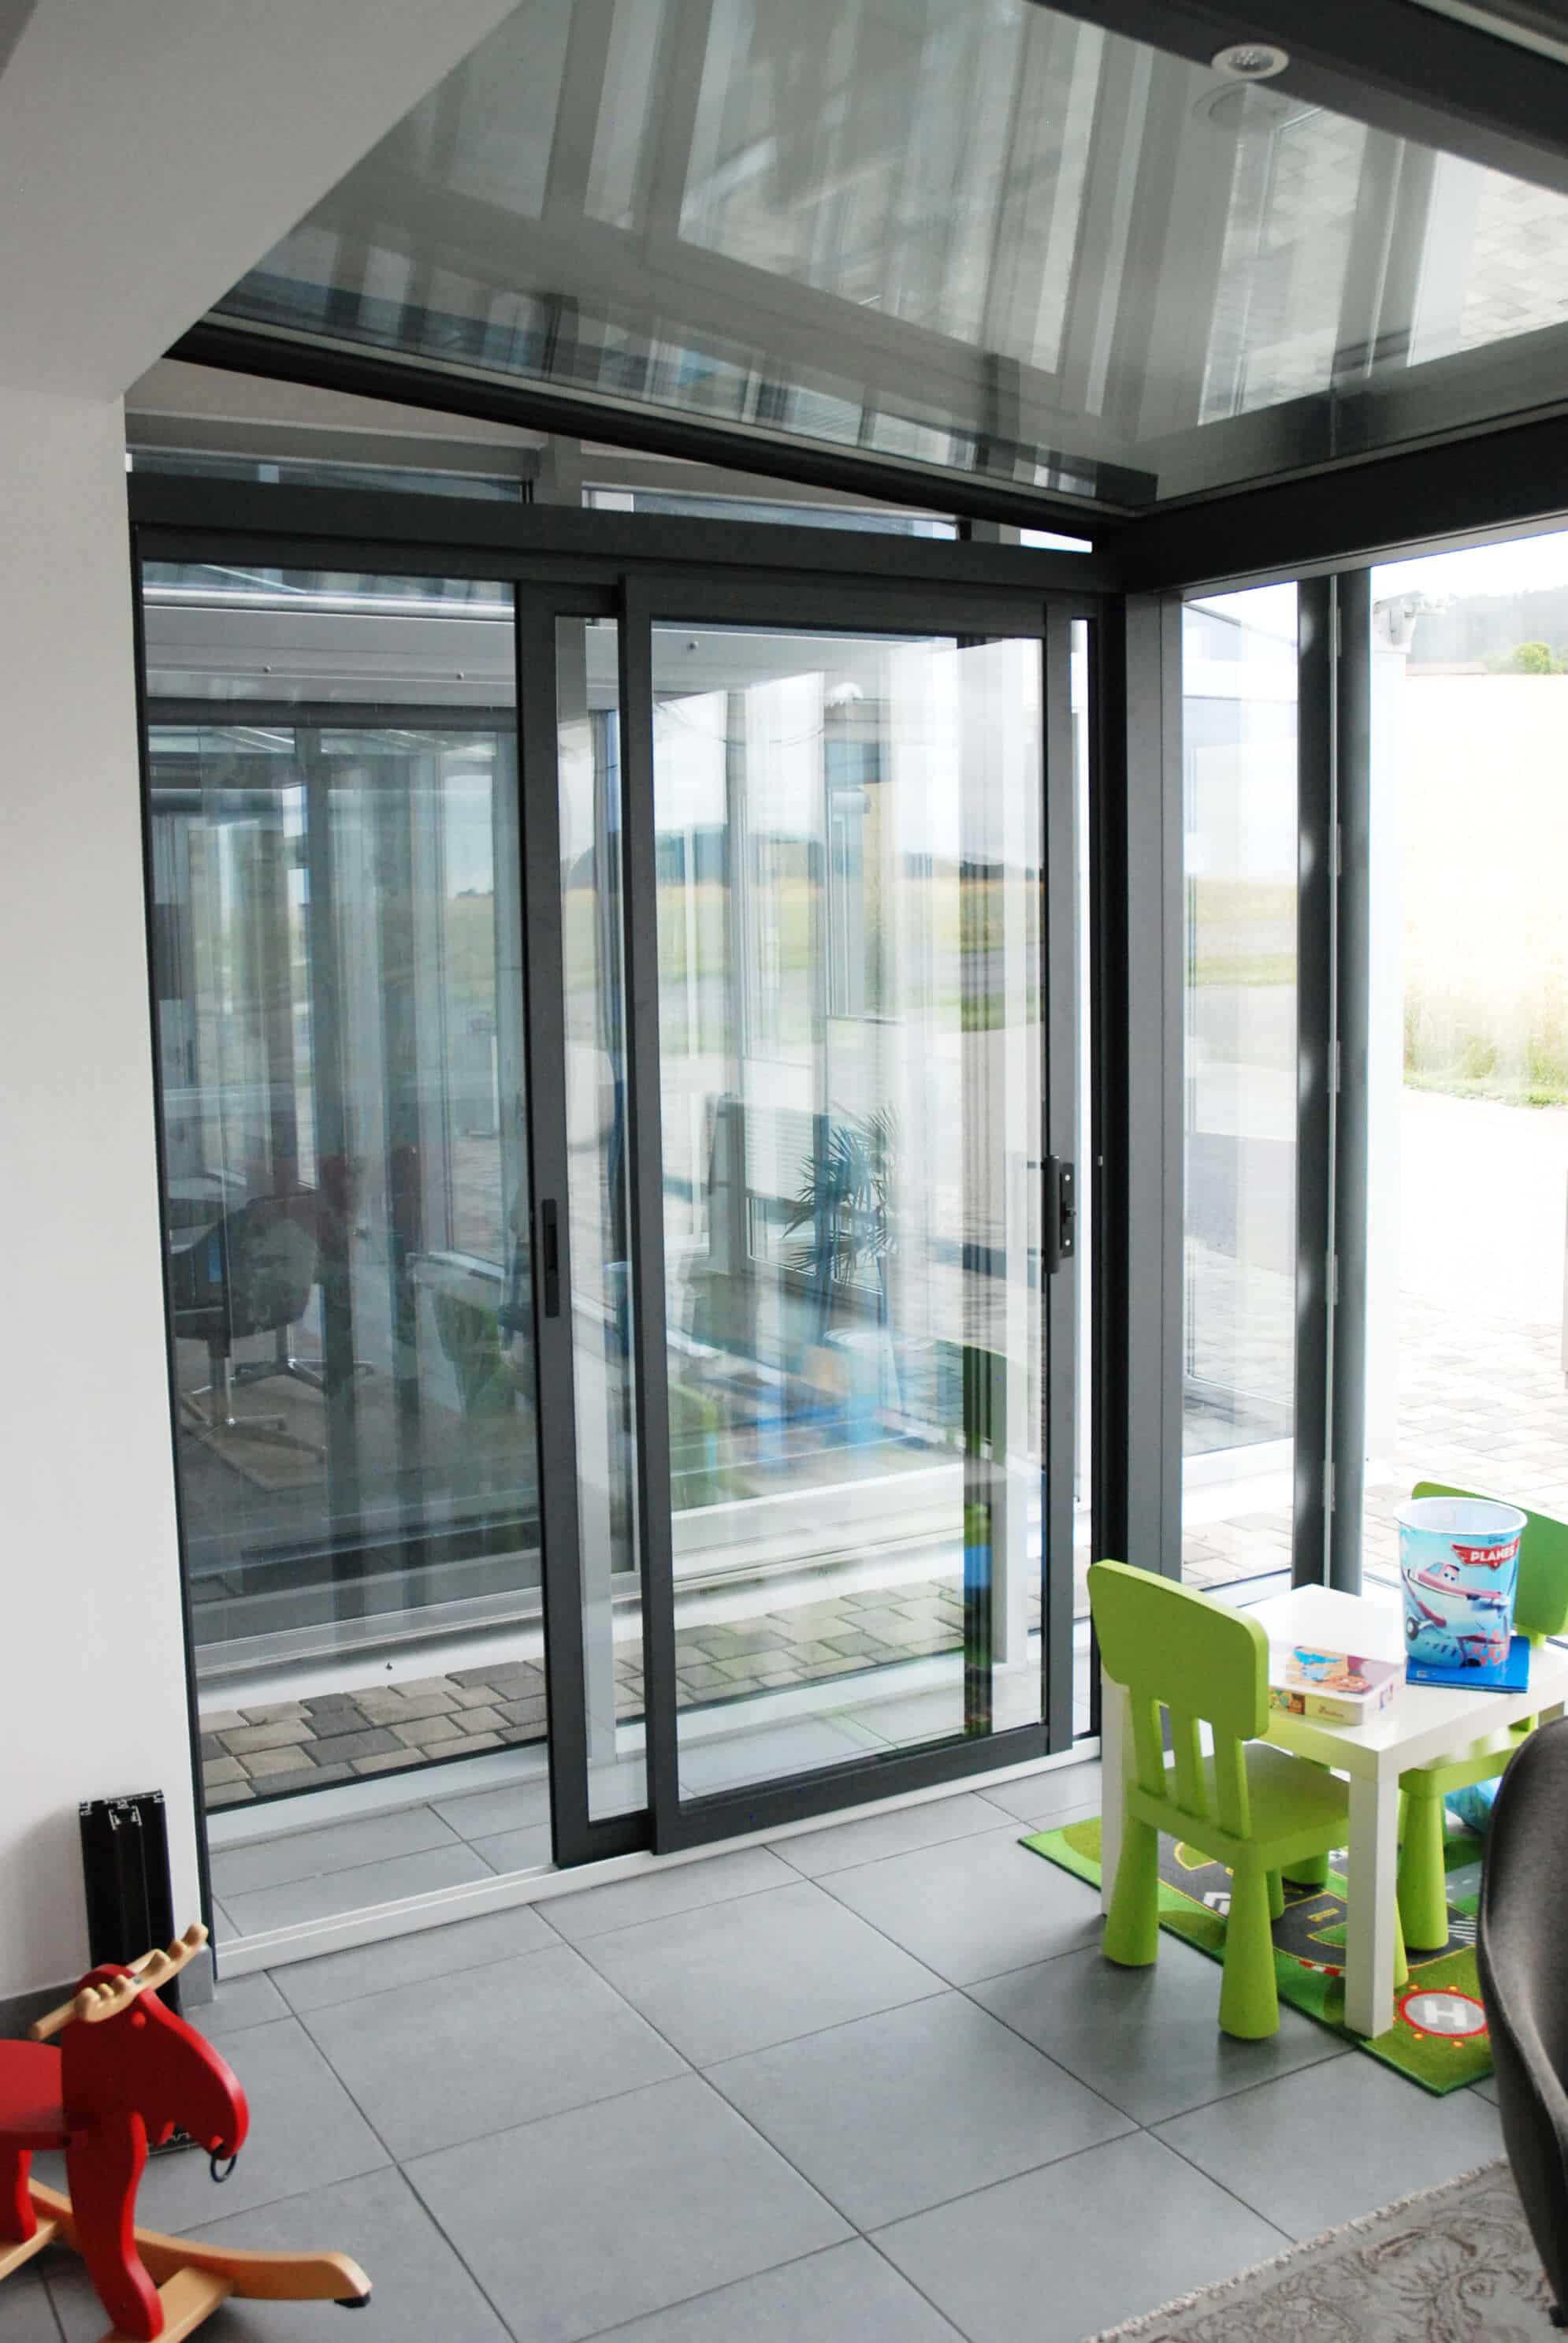 Wintergarten Schiebetur Von Neher Multiraum Fur Chill Lounge